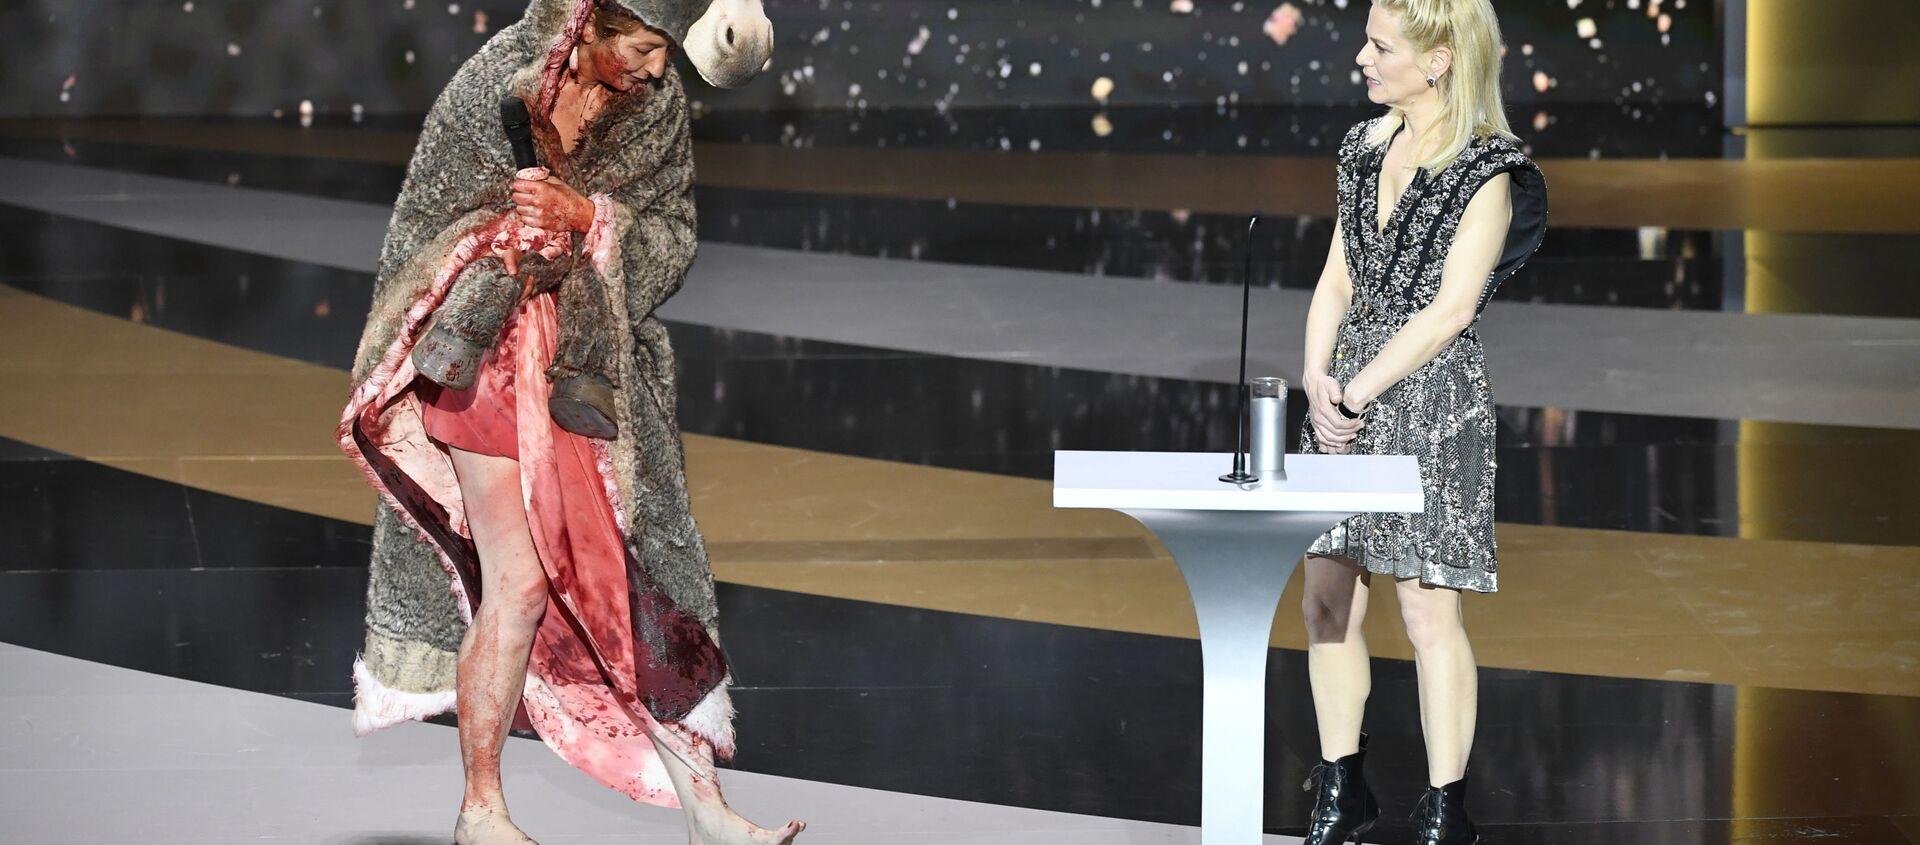 Актриса Коринн Масьеро во время 46-й церемонии вручения премии Сезар (12 марта 2021). Париж - Sputnik Արմենիա, 1920, 13.03.2021